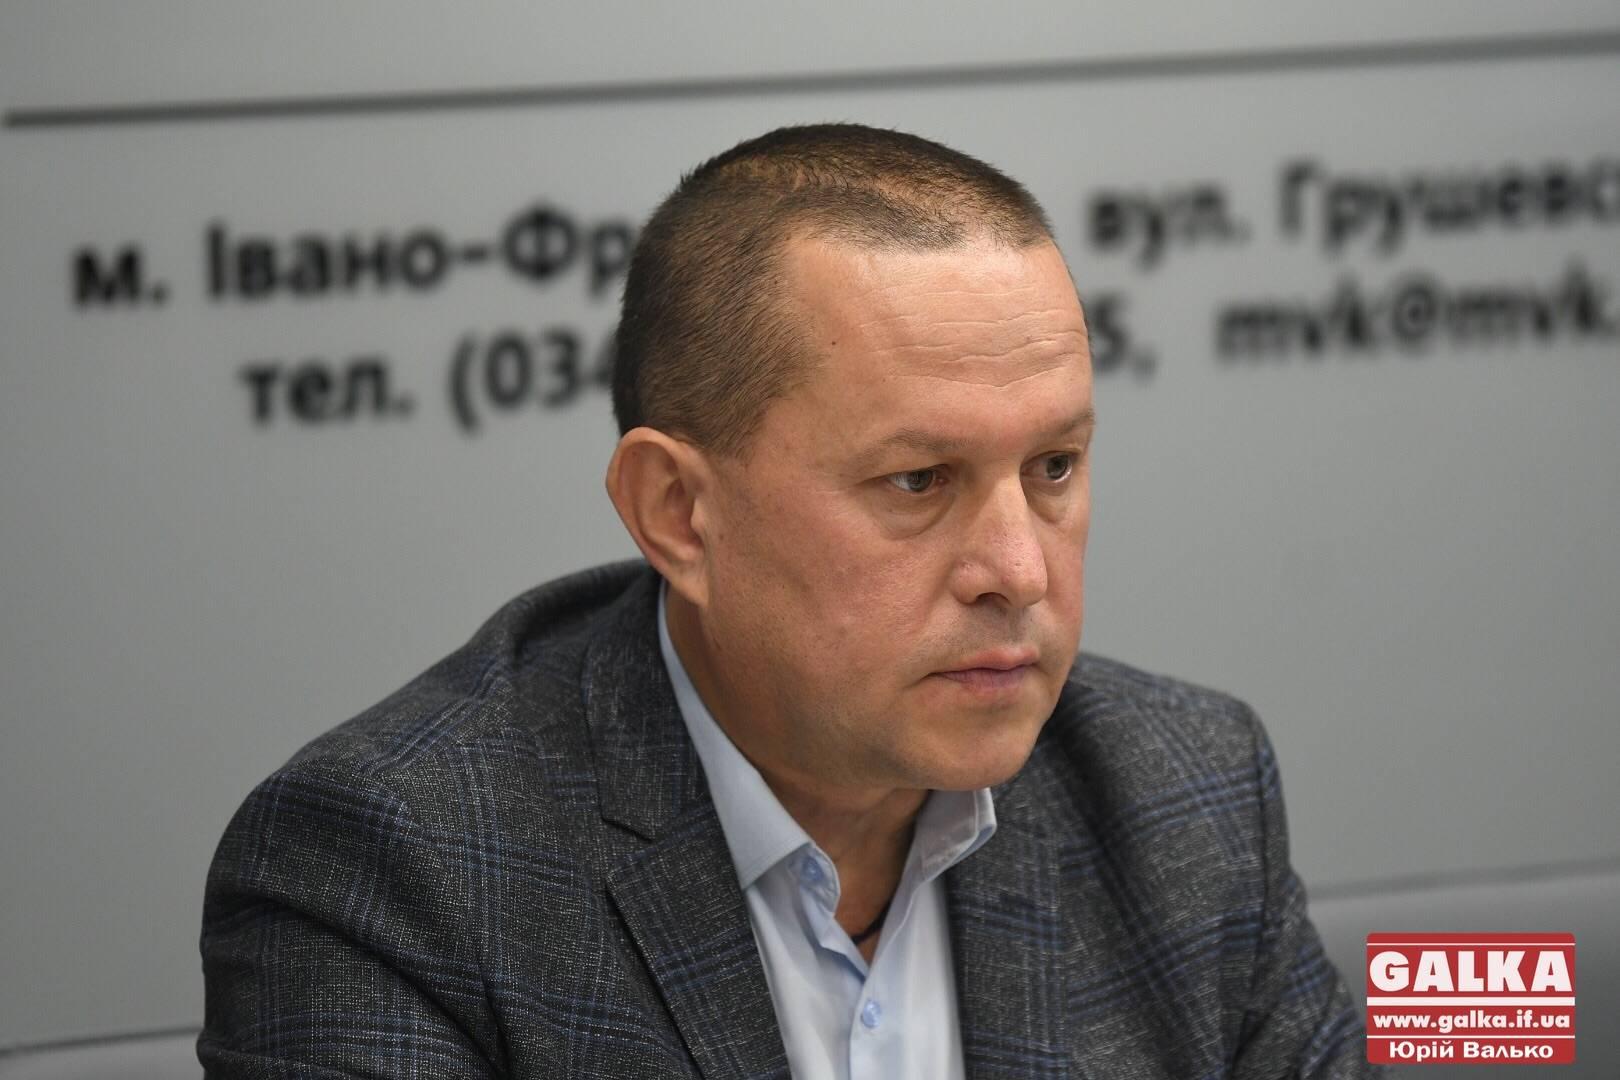 Нардеп Зіновій Андрійович відмовився від мандату, бо став мером Надвірної (ФОТОФАКТ)